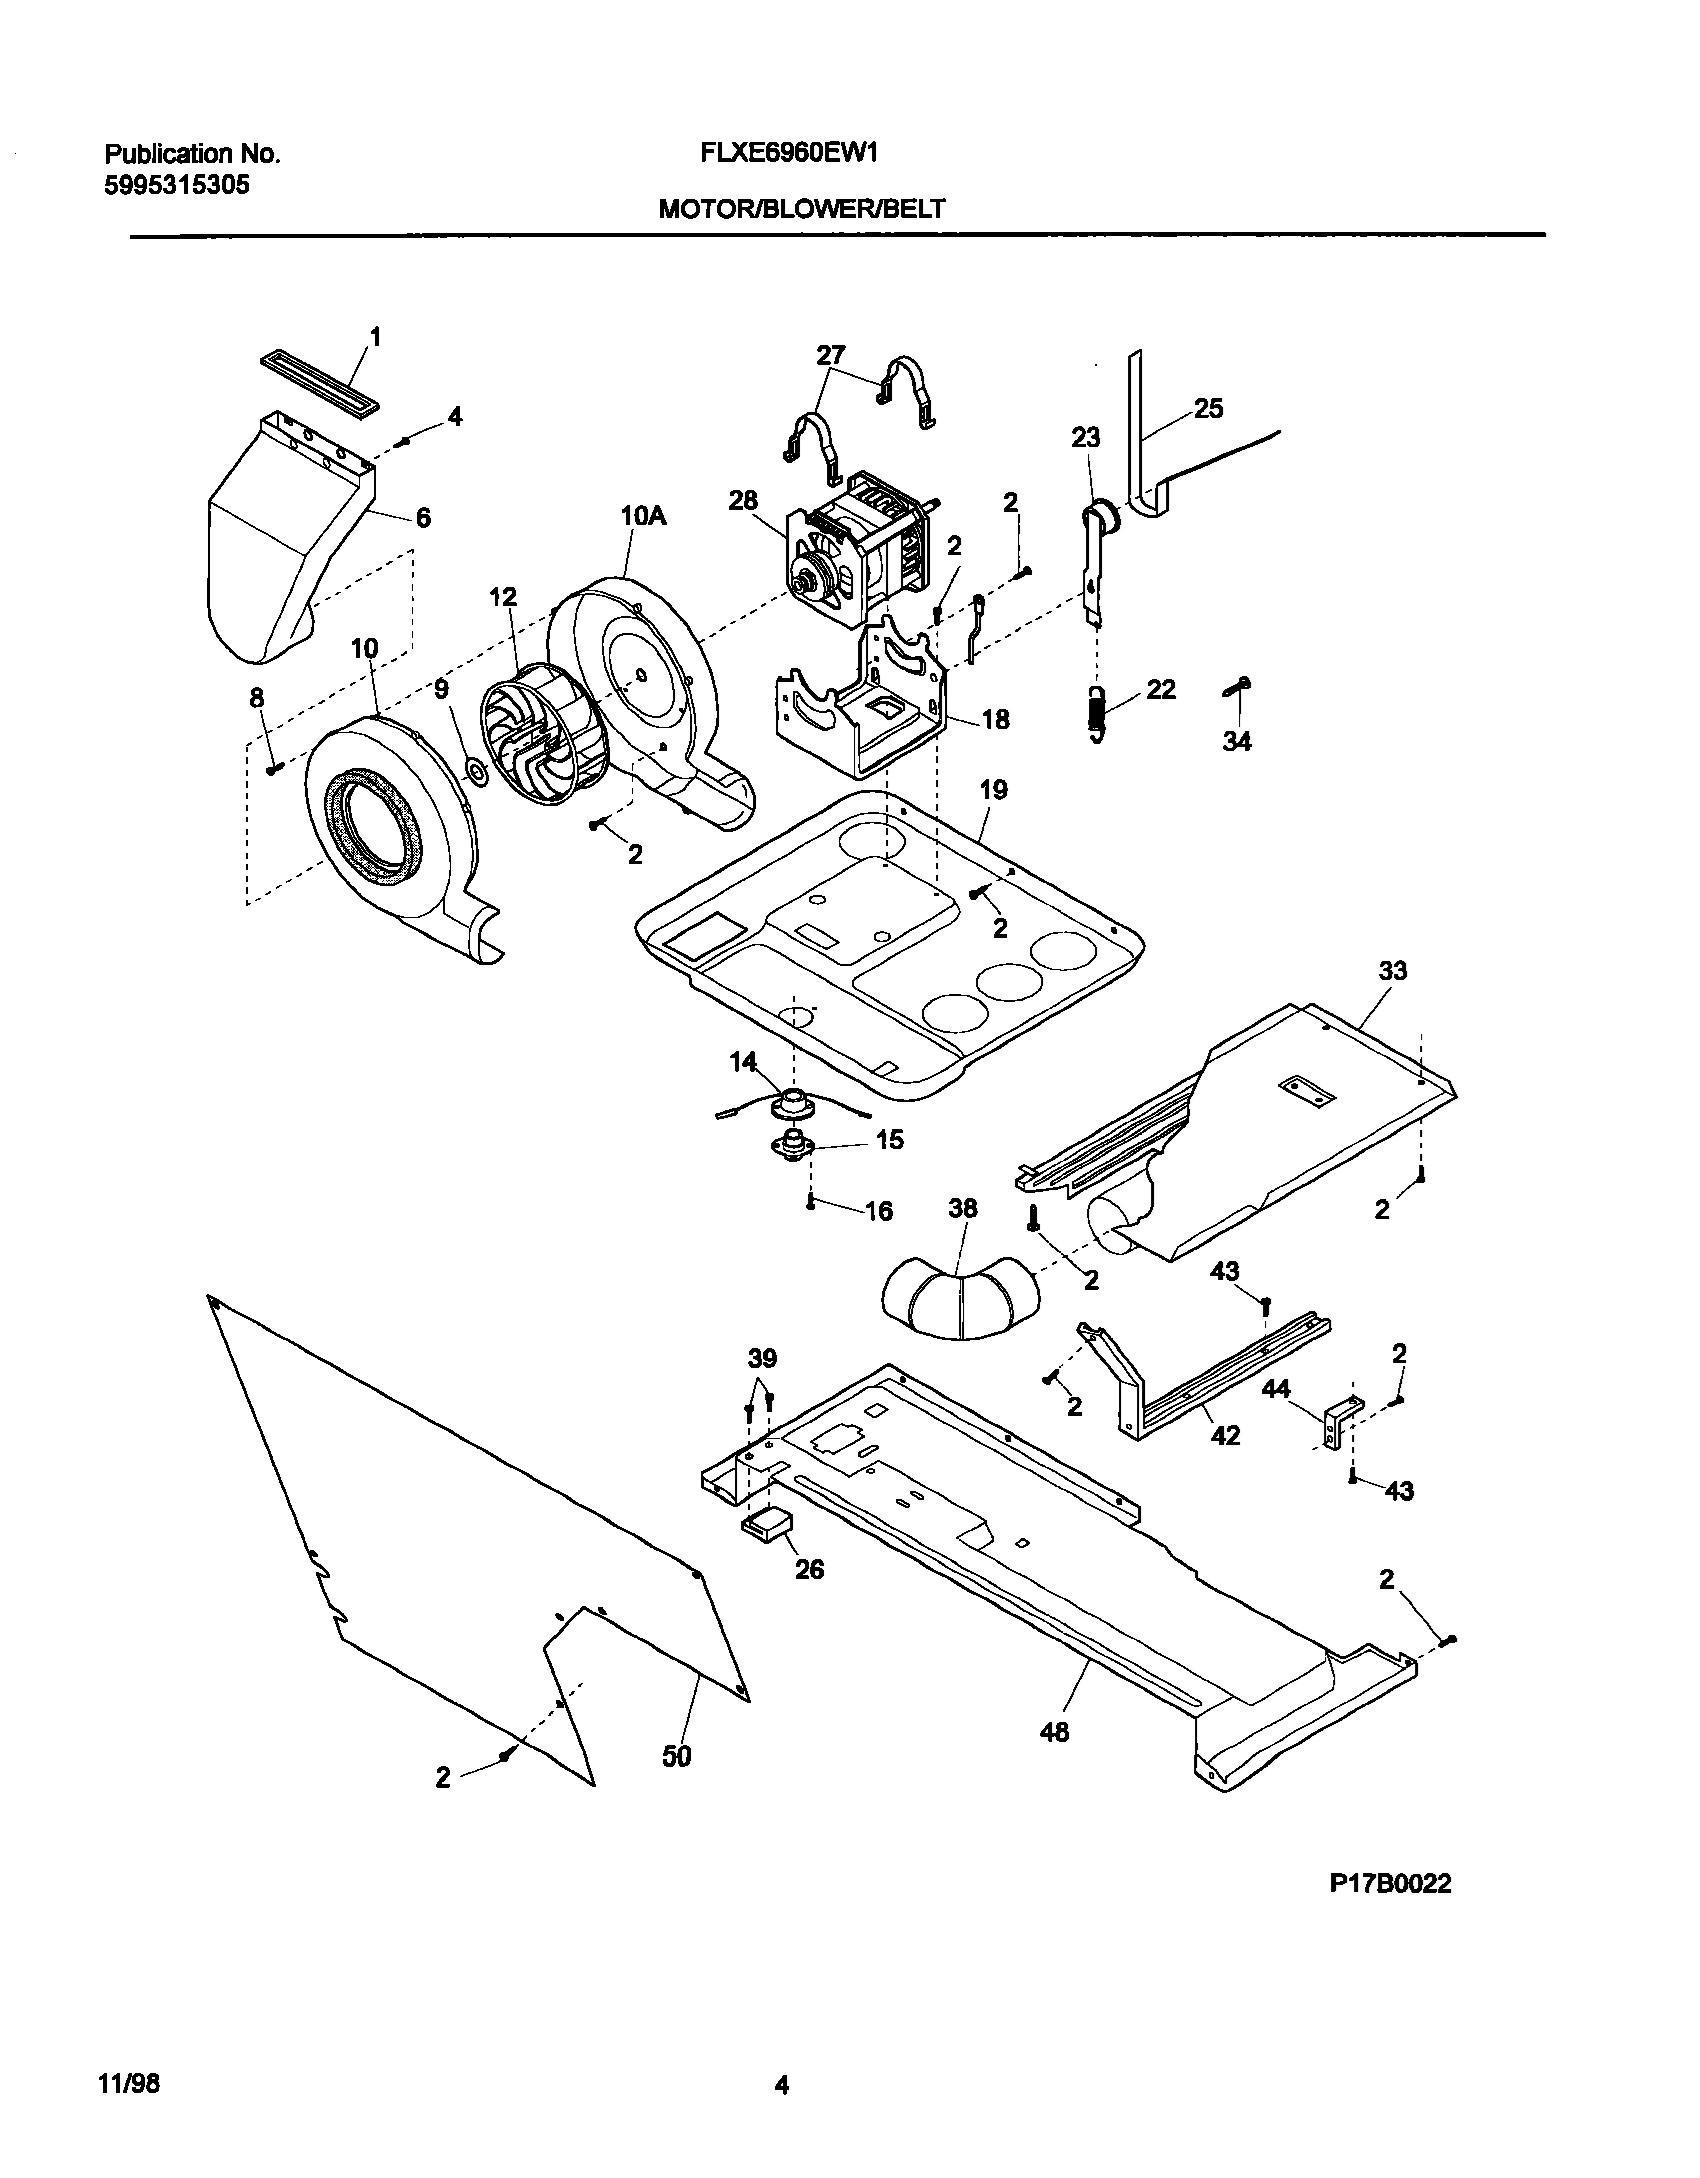 Lull Starter Wiring Diagram Starter Assembly Diagram Circuit – Lull Alternator Wiring Diagram